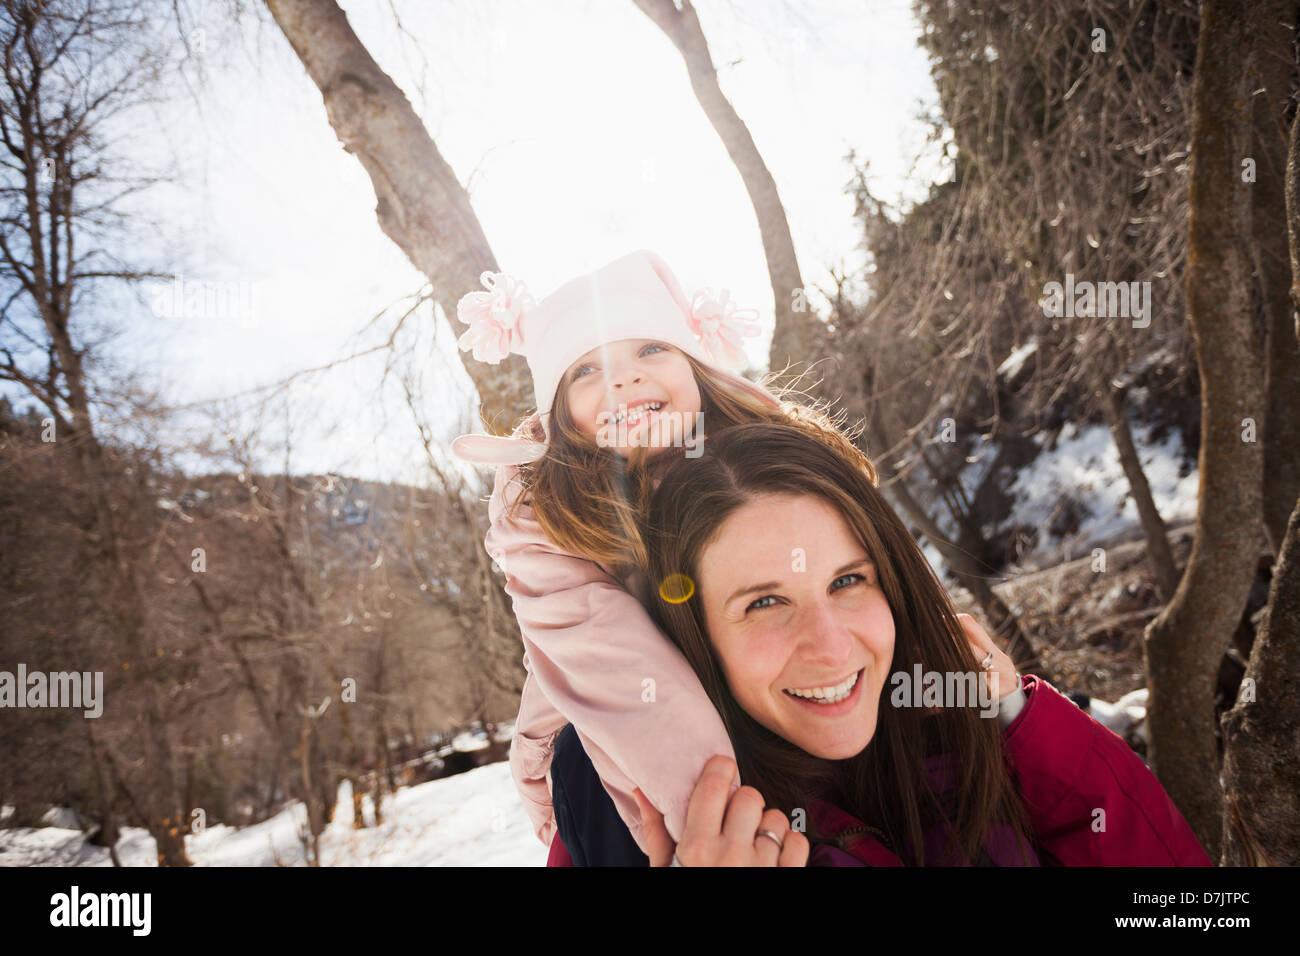 USA, Utah, Highland, junge Frau mit ihrer Tochter auf Schultern (2-3) Stockbild